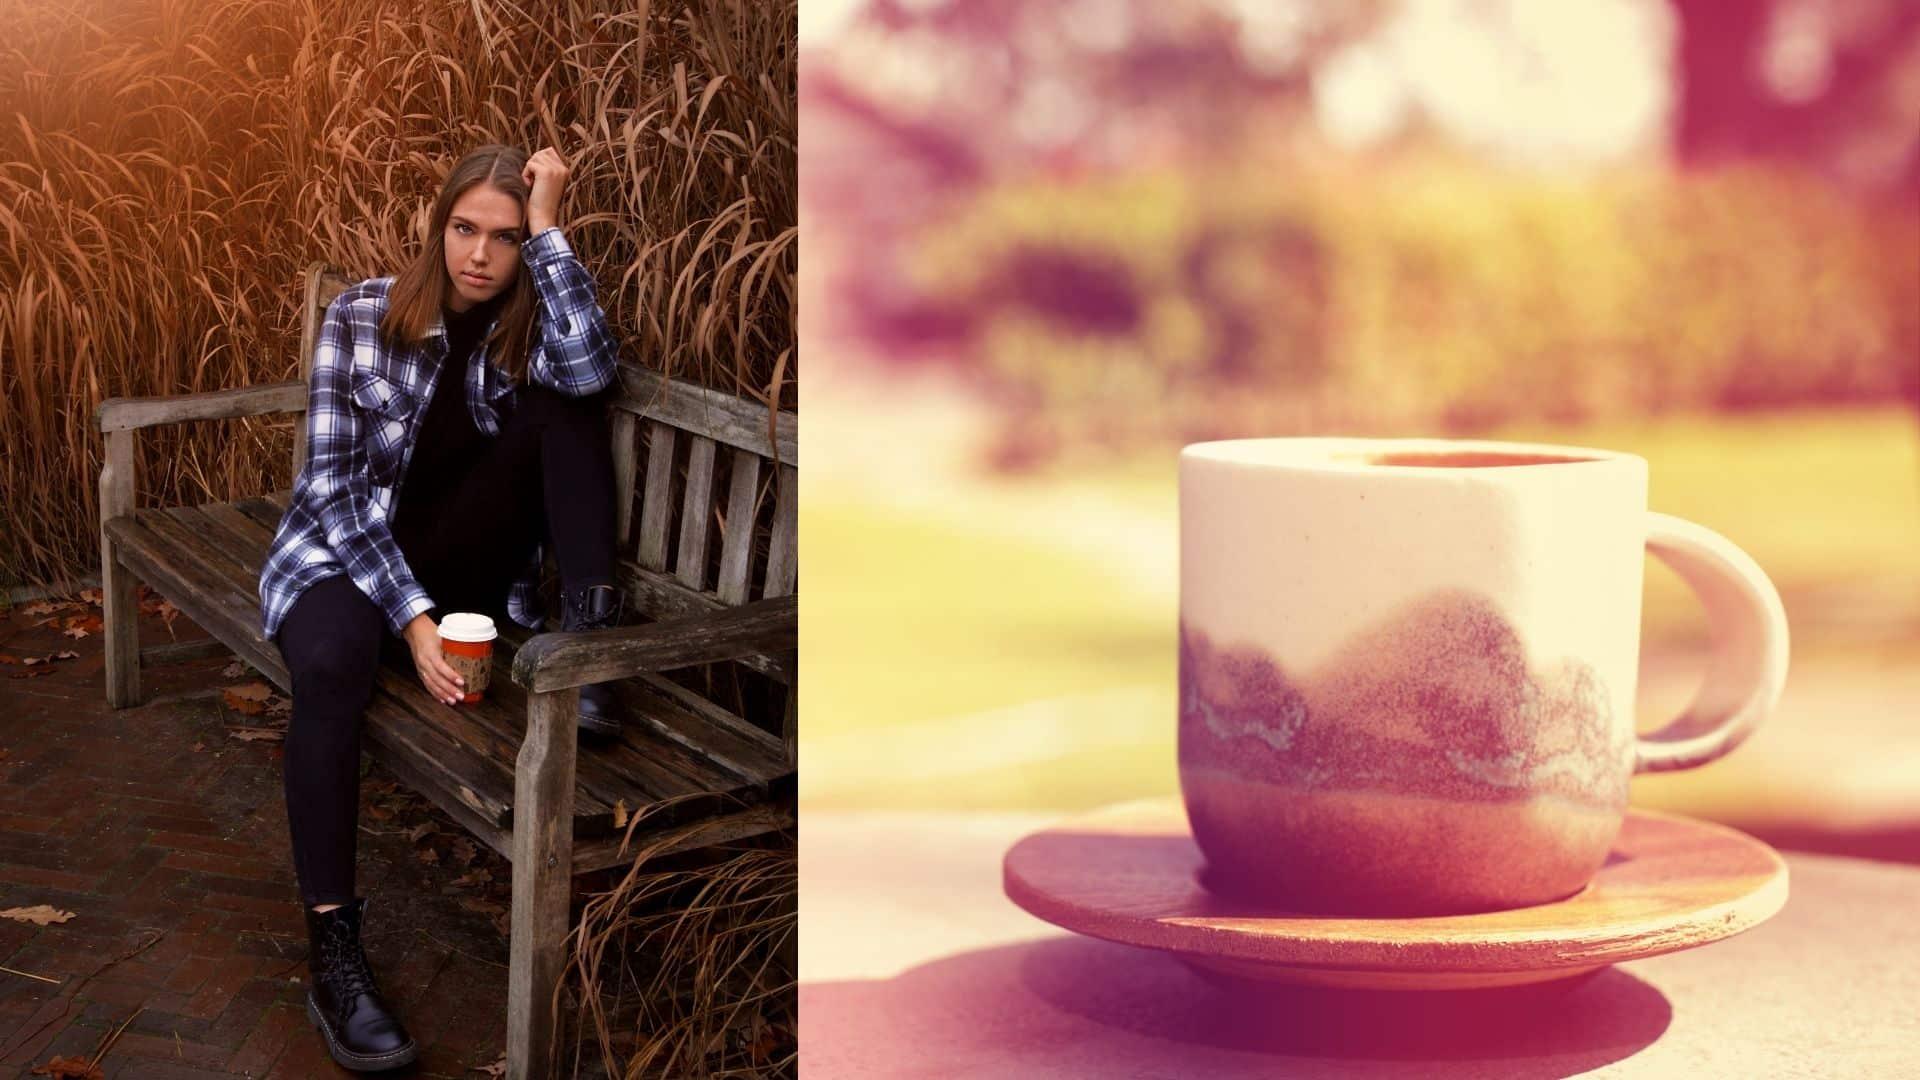 Hozzáadva ehhez a teához, koffeinmentes üdítőkhöz és ezekhez a hírhedt energiaitalokhoz , nem fog meglepődni, ha azt olvassa, hogy 90% -unk fogyaszt koffeint valamilyen formában minden nap. Kávé hatása, ez rossz dolog? Nem teljesen.